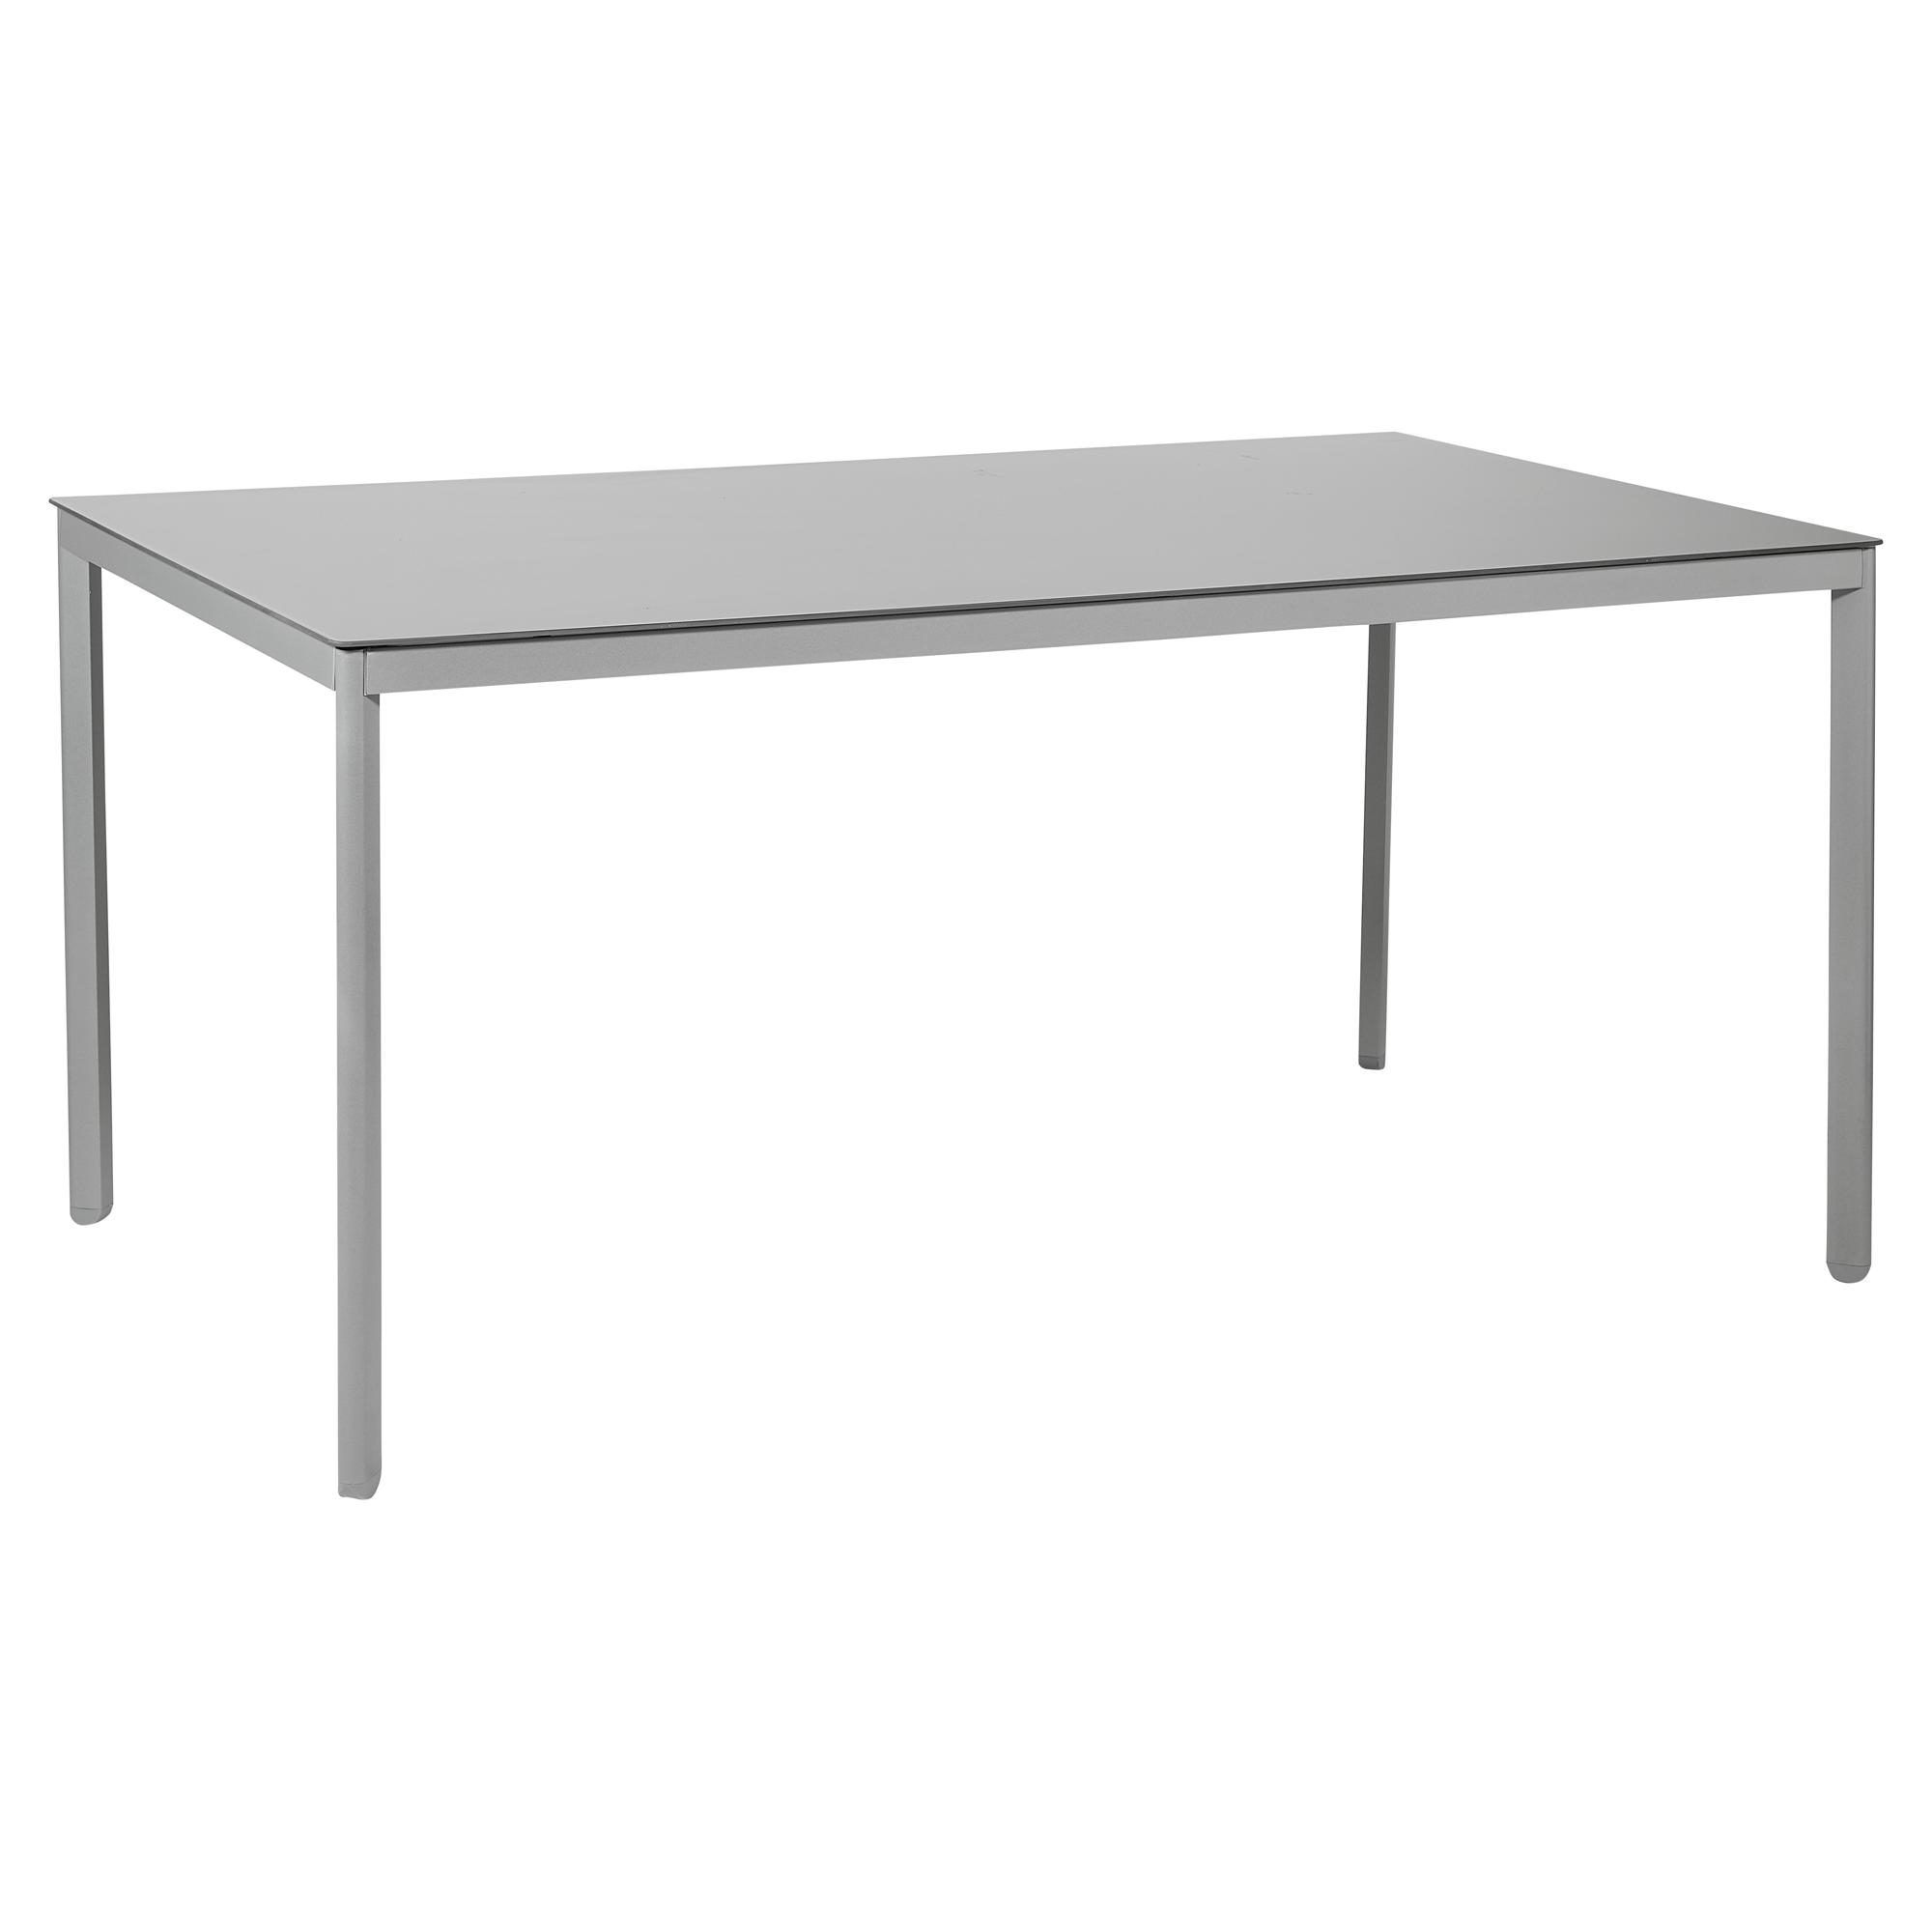 gartentisch wetterfest progarden tavolo x cm wei with. Black Bedroom Furniture Sets. Home Design Ideas